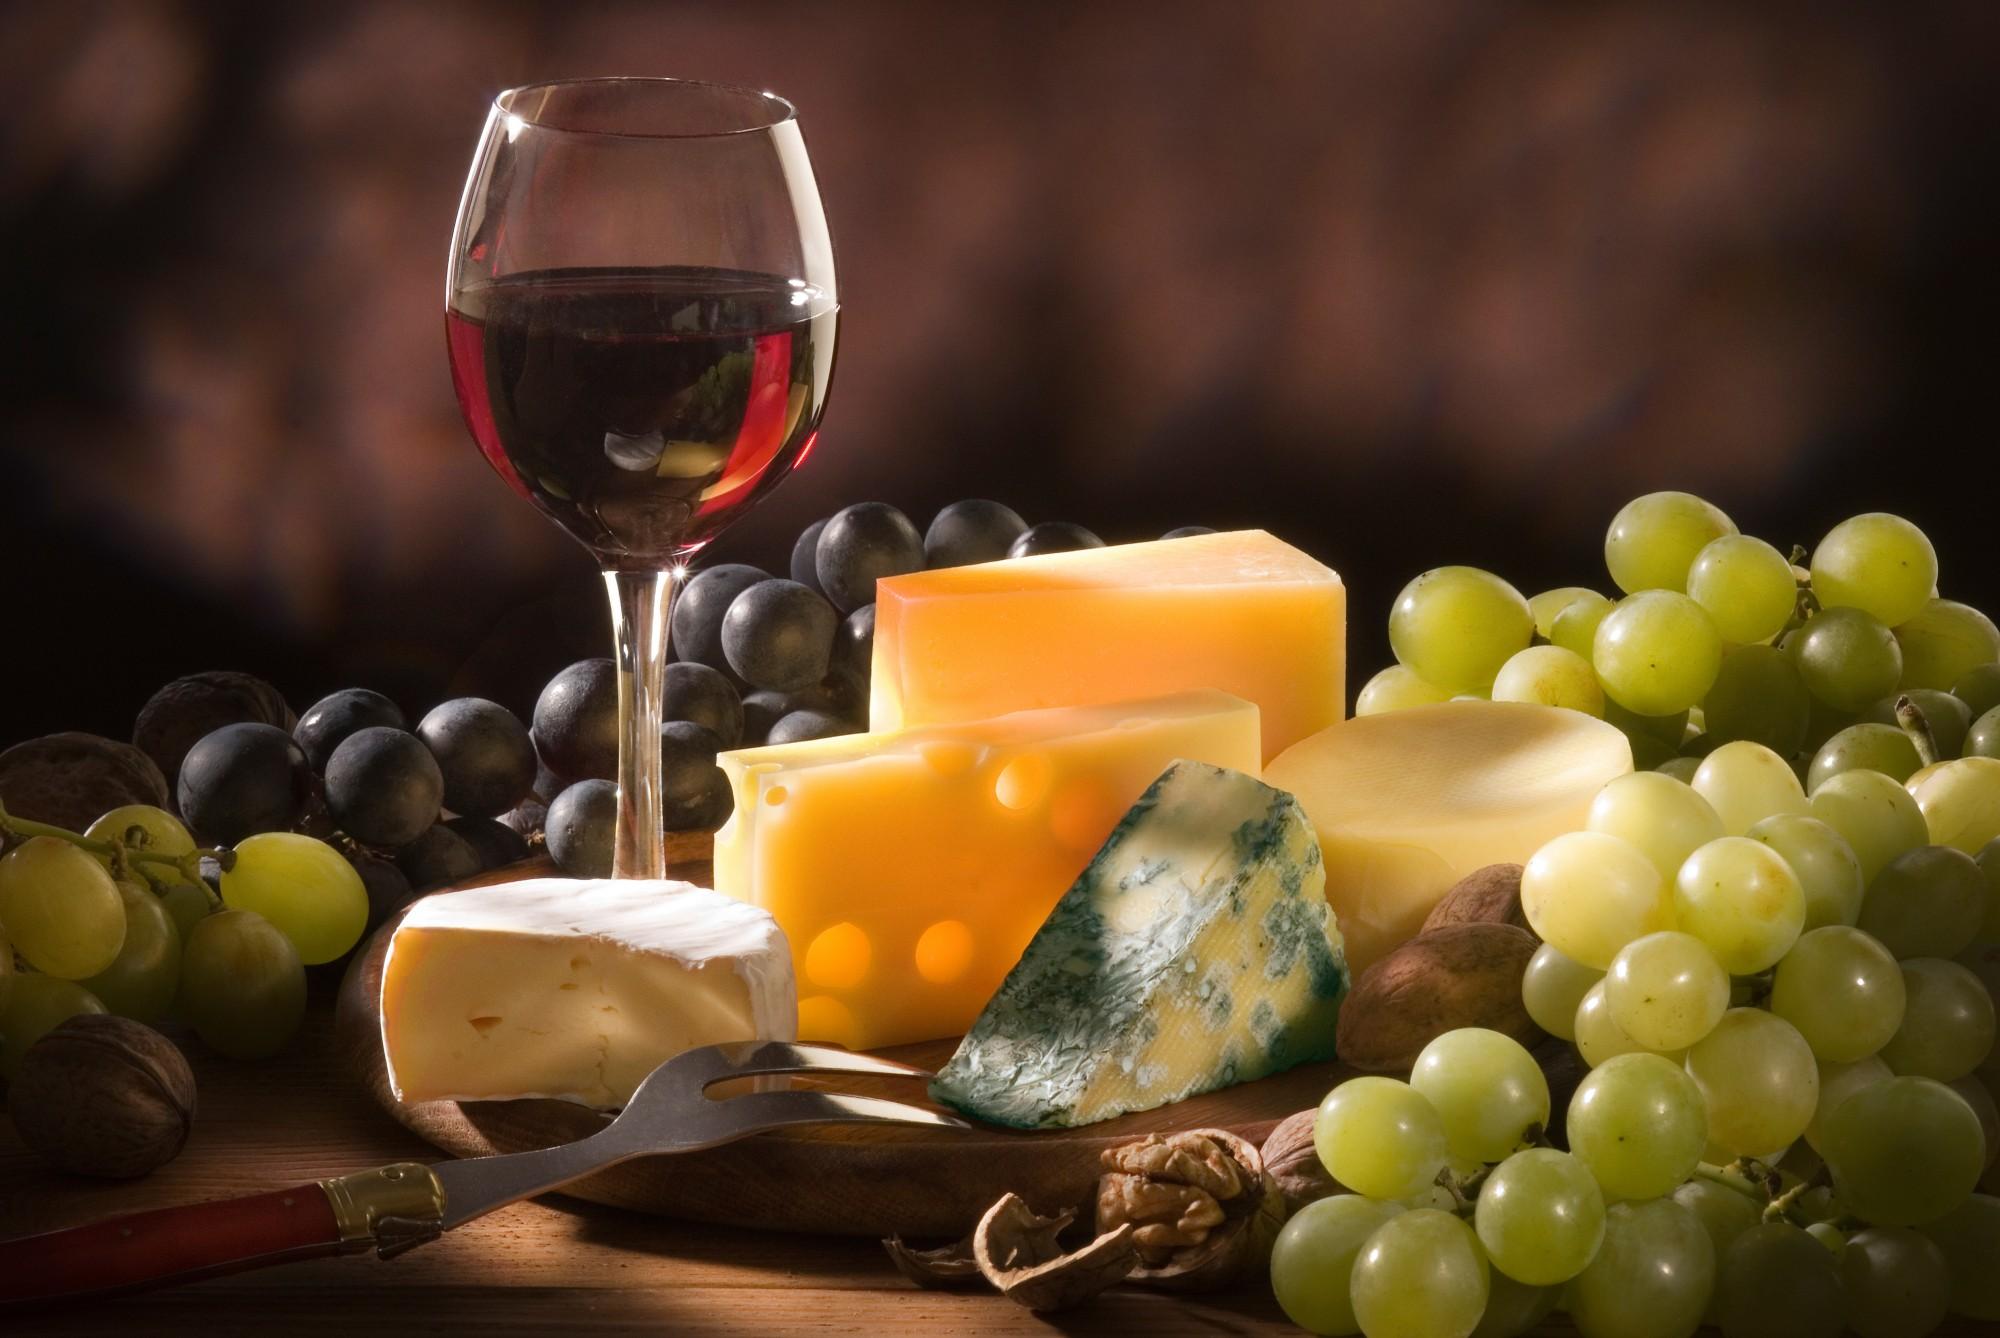 Les accords mets vins : lunes de miel aromatiques